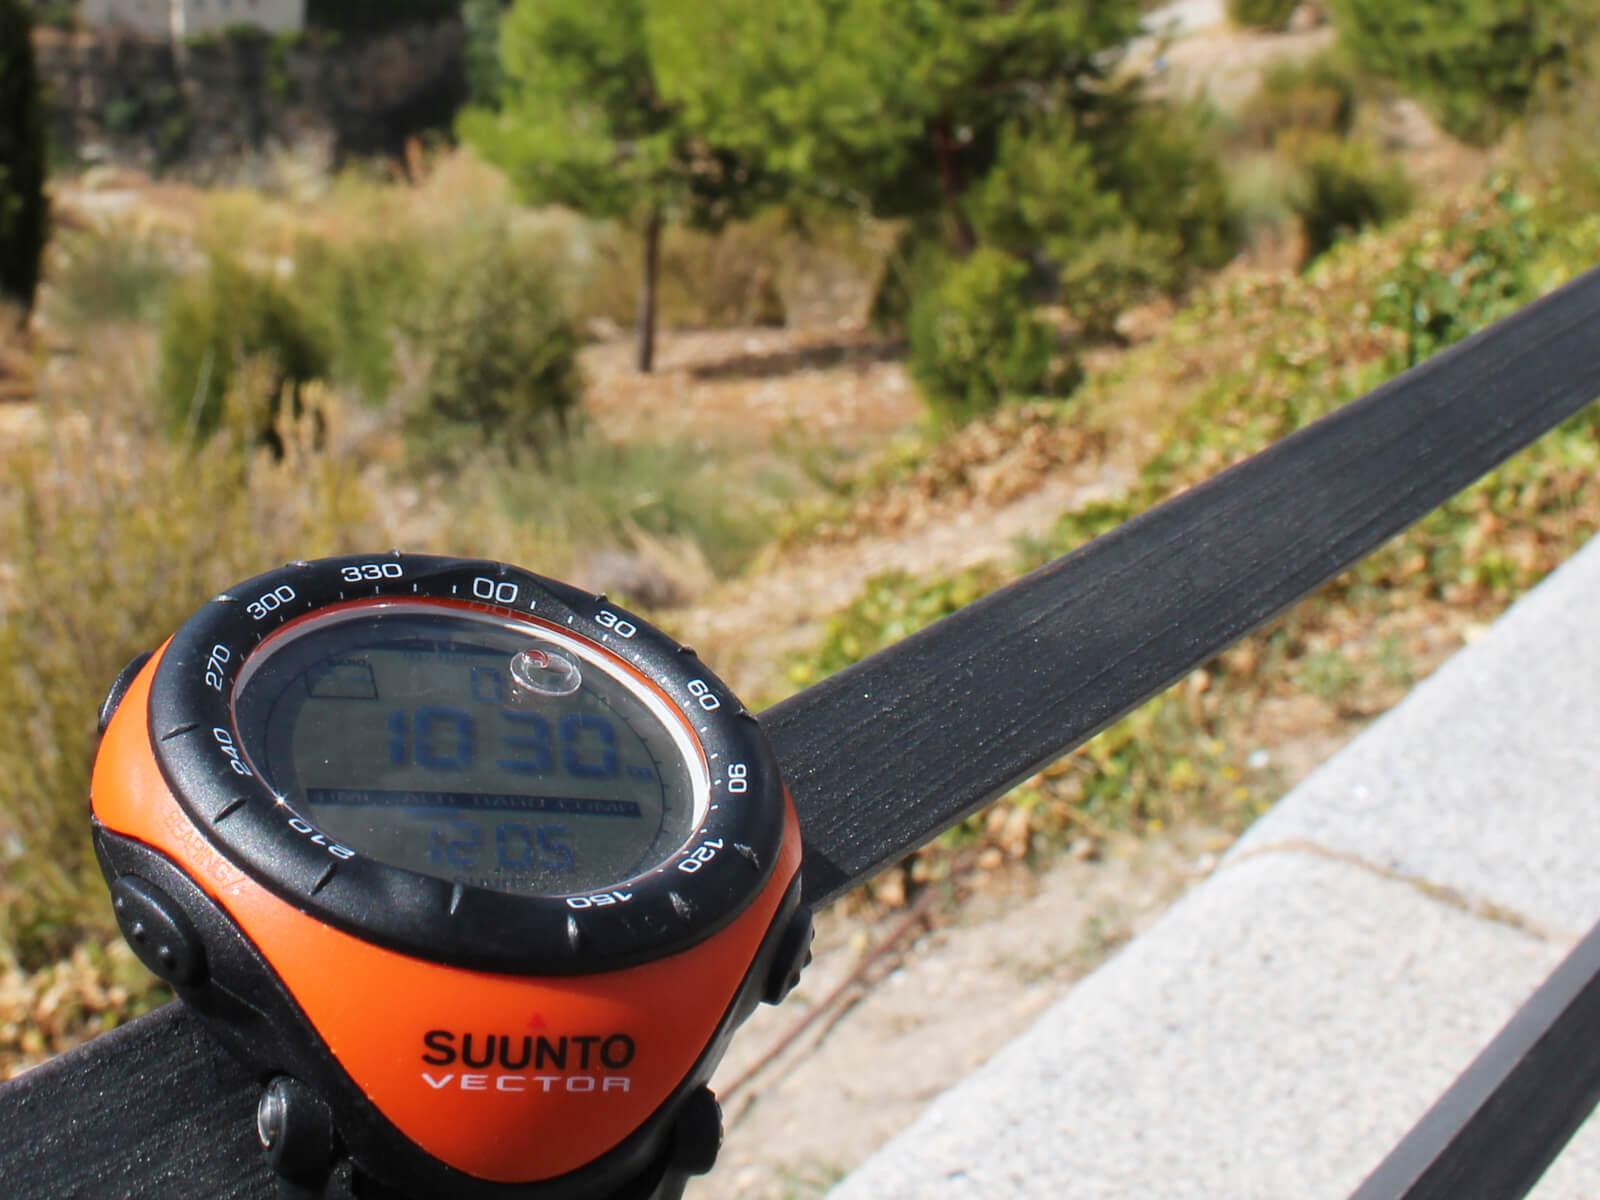 02312cd27e 登山に、ランニングに、日常にもおすすめ!スント(SUUNTO)の魅力とは ...